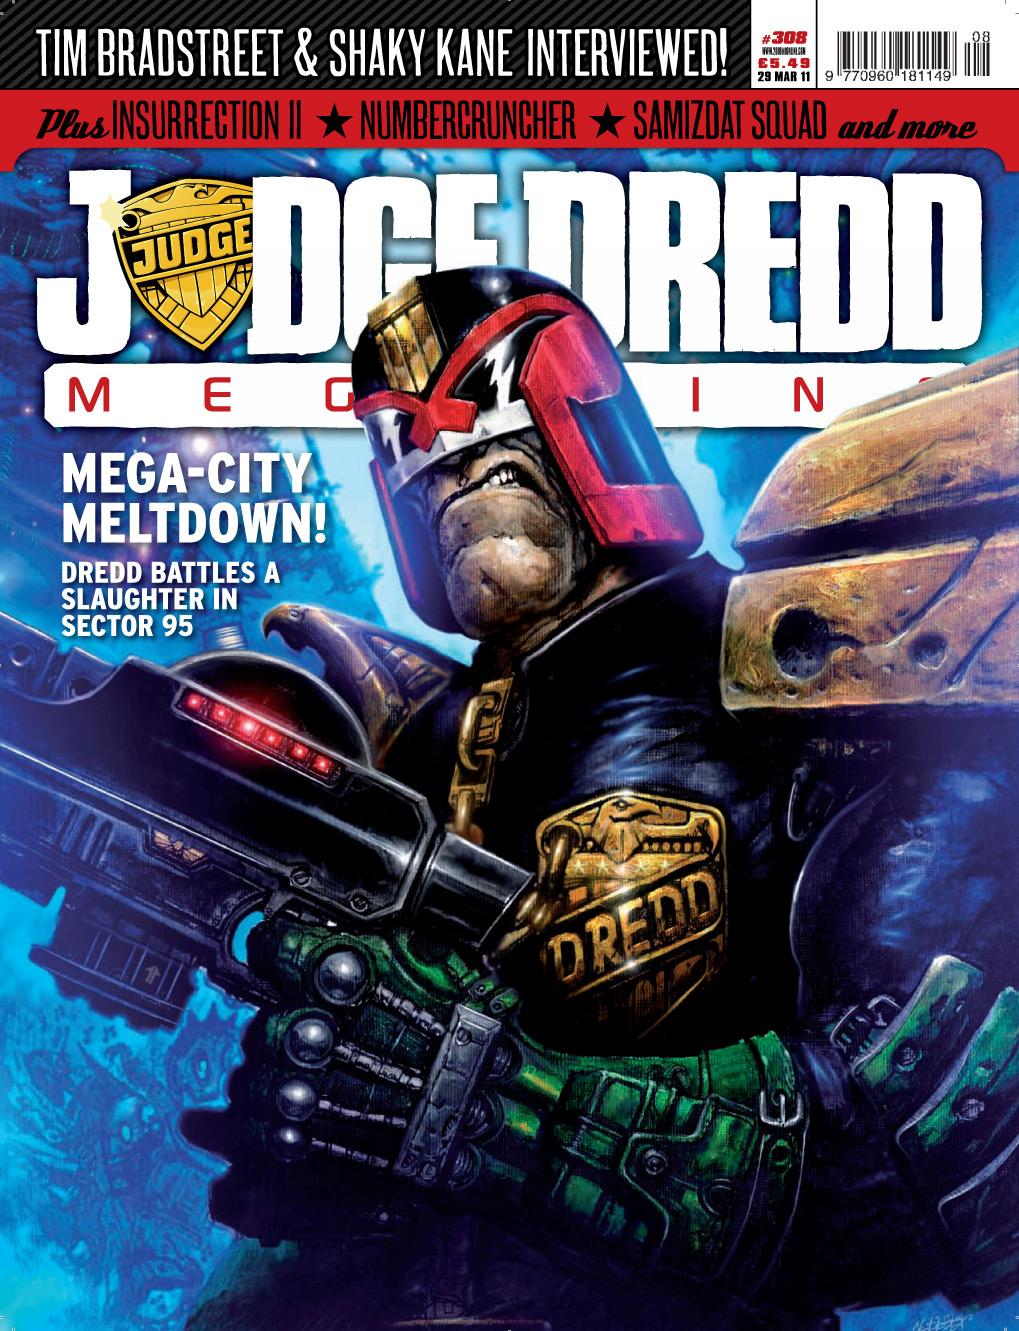 Judge Dredd Megazine (Vol. 5) 308 Page 1